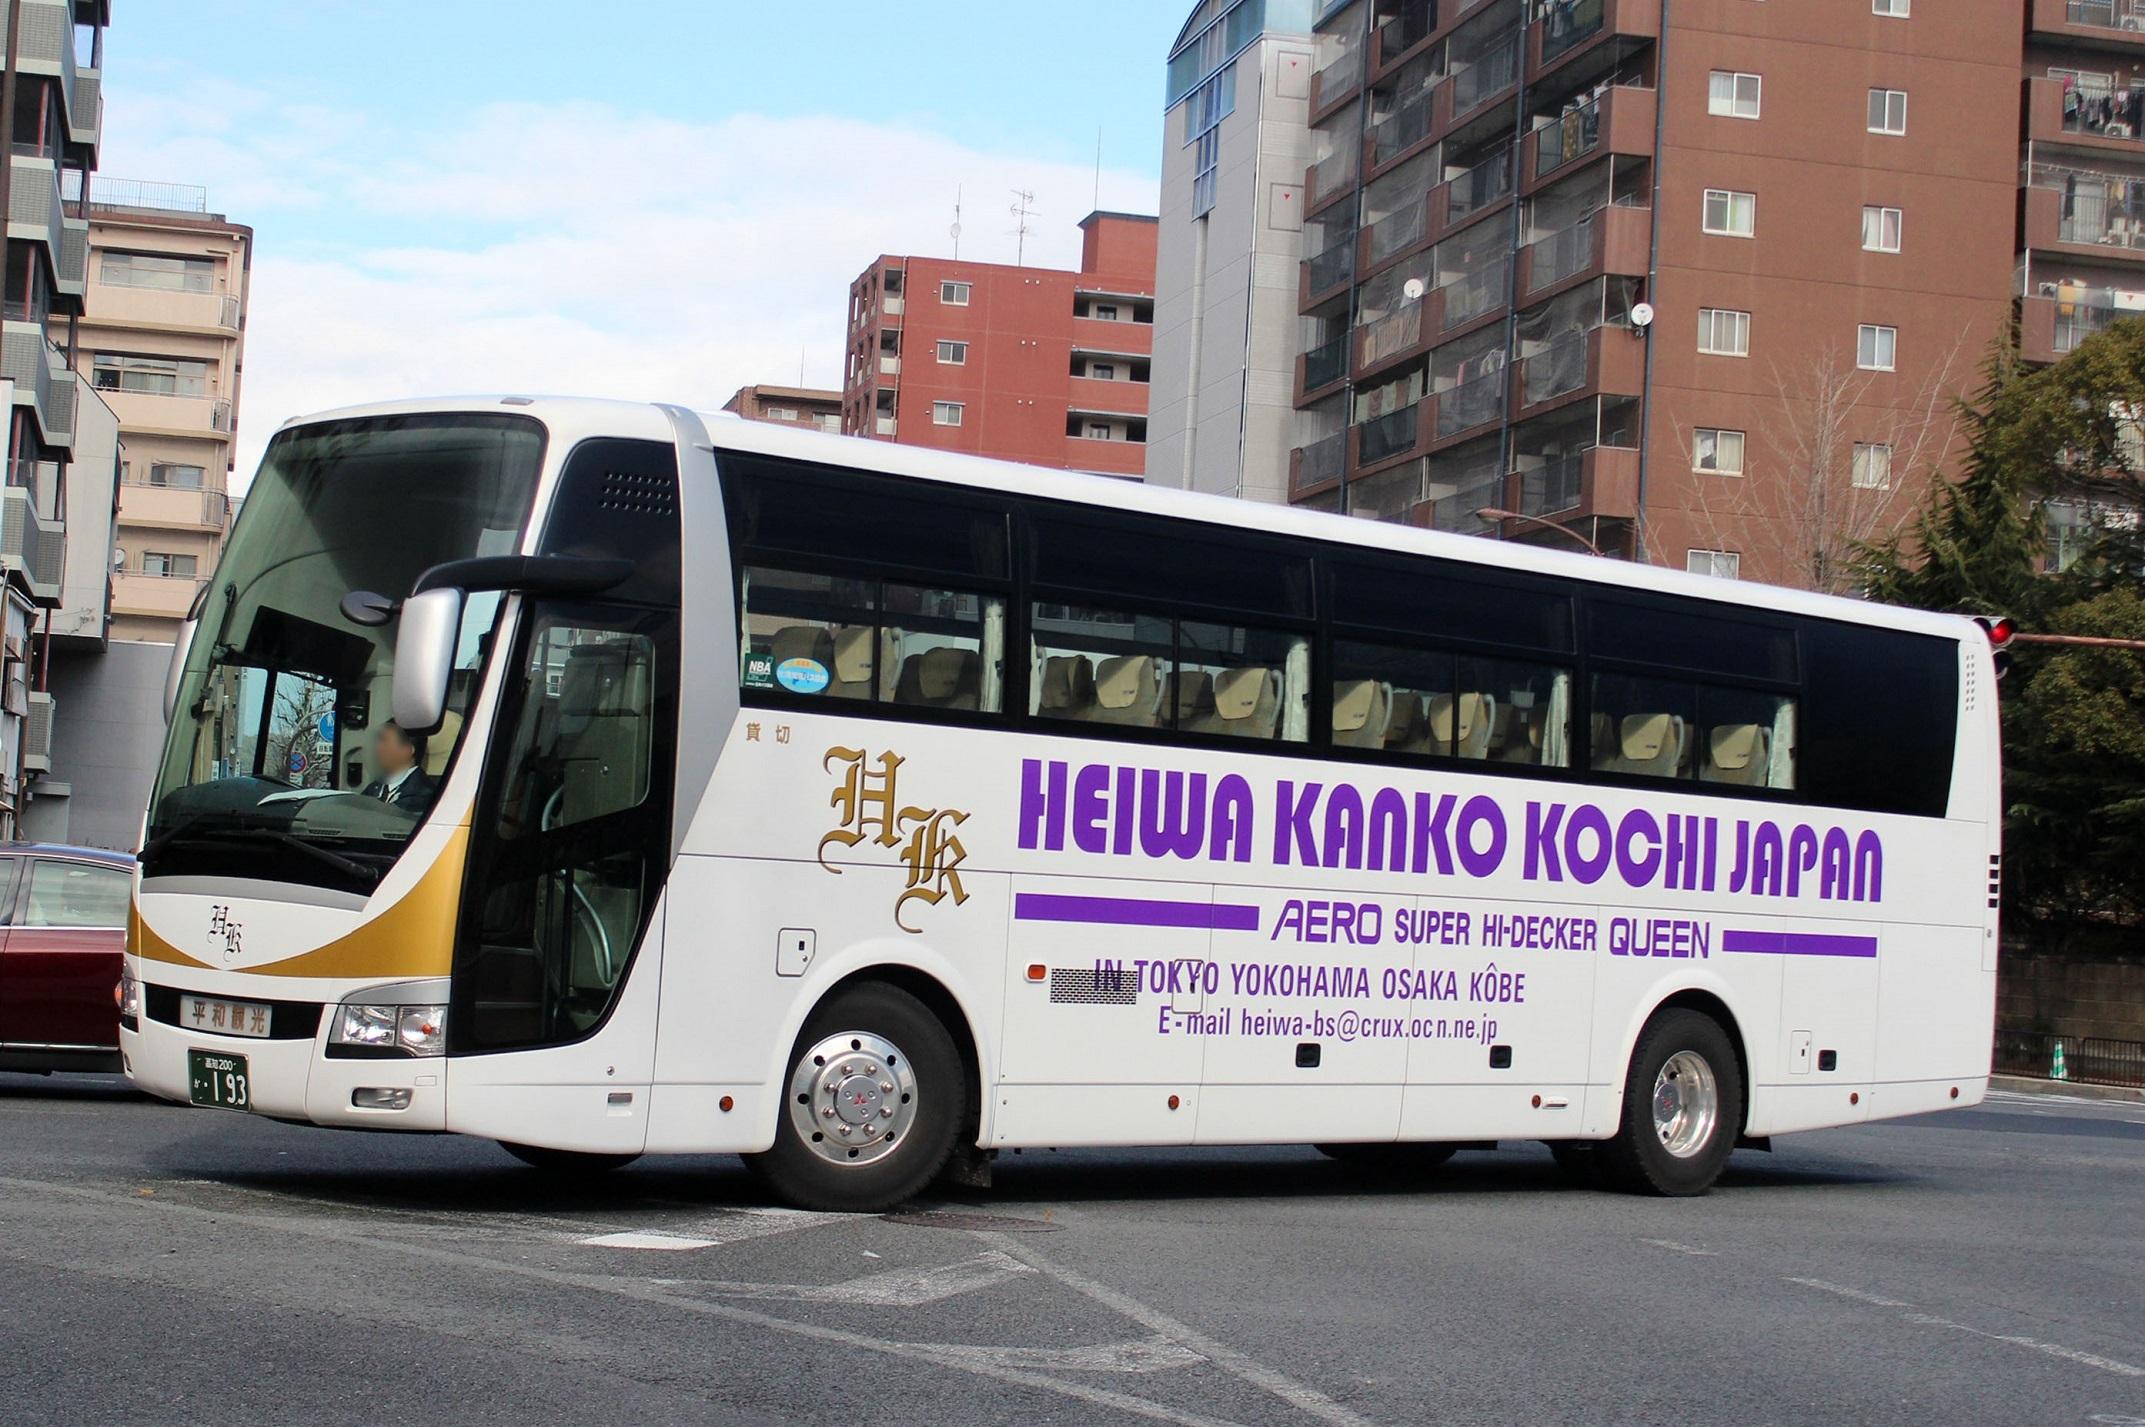 平和観光バス か193